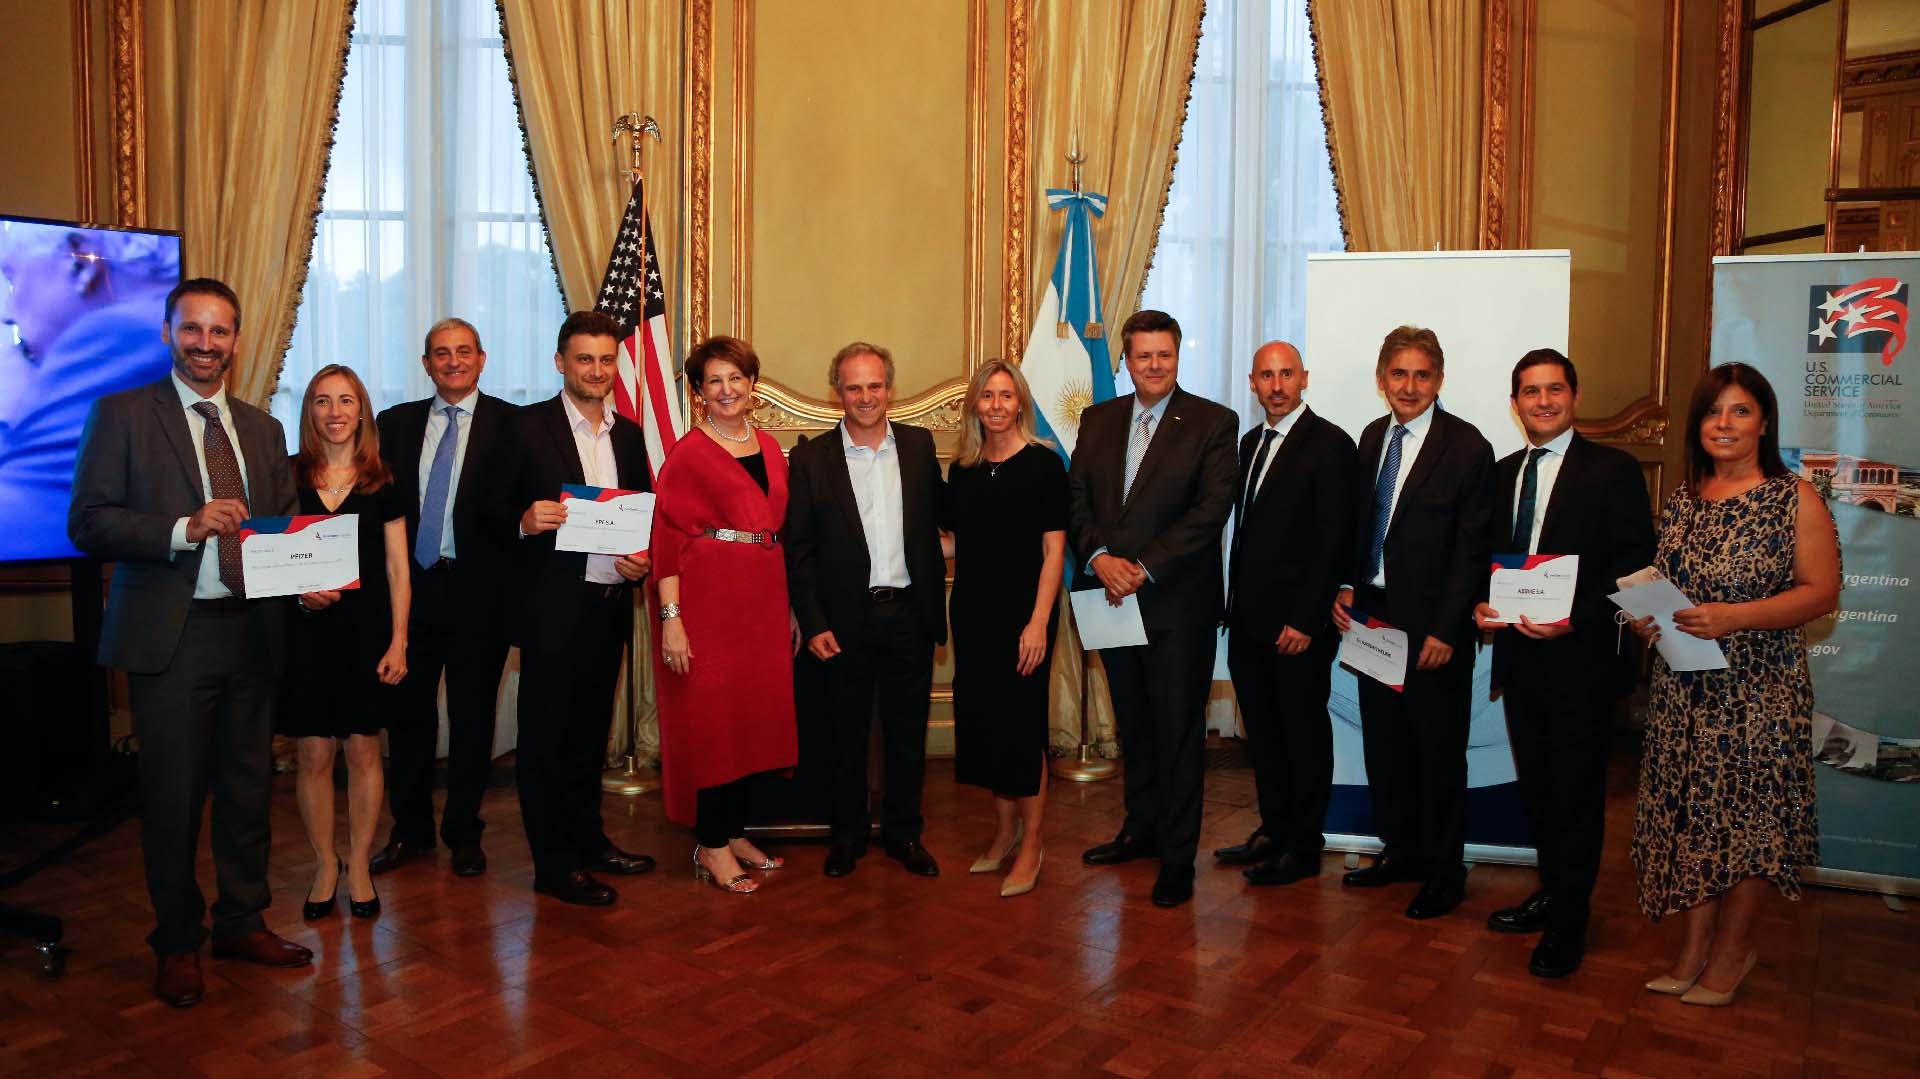 Las 10 empresas que fueron reconocidas por AmCham, acompañadas por los CEO's de Amcham, IBM, Whirpool y Visa